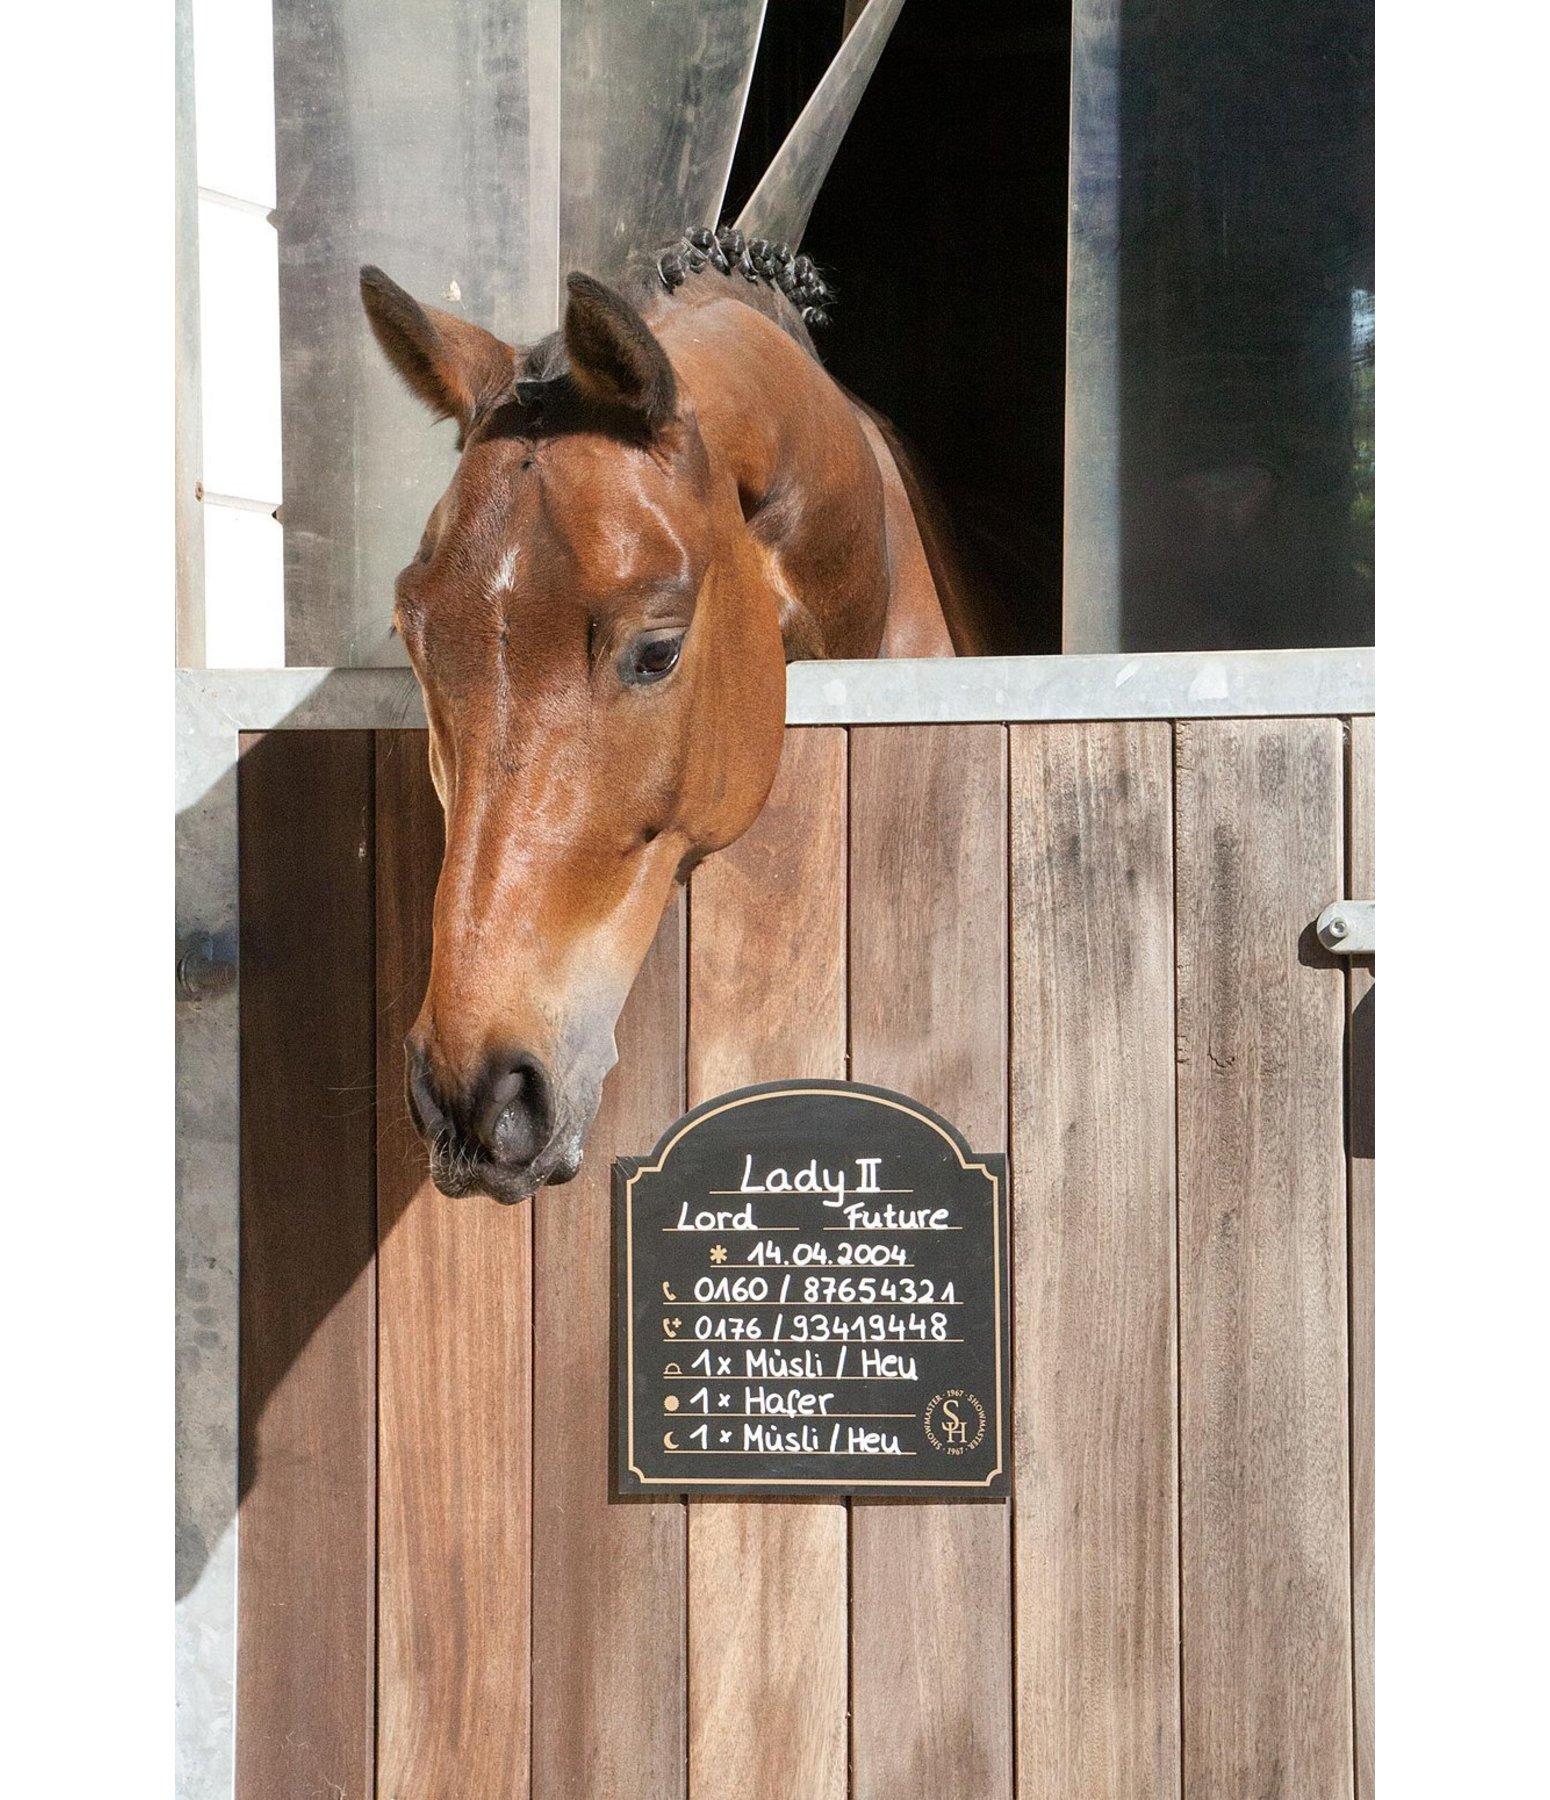 stalltafel exclusive boxenschilder warntafeln kr mer pferdesport sterreich. Black Bedroom Furniture Sets. Home Design Ideas